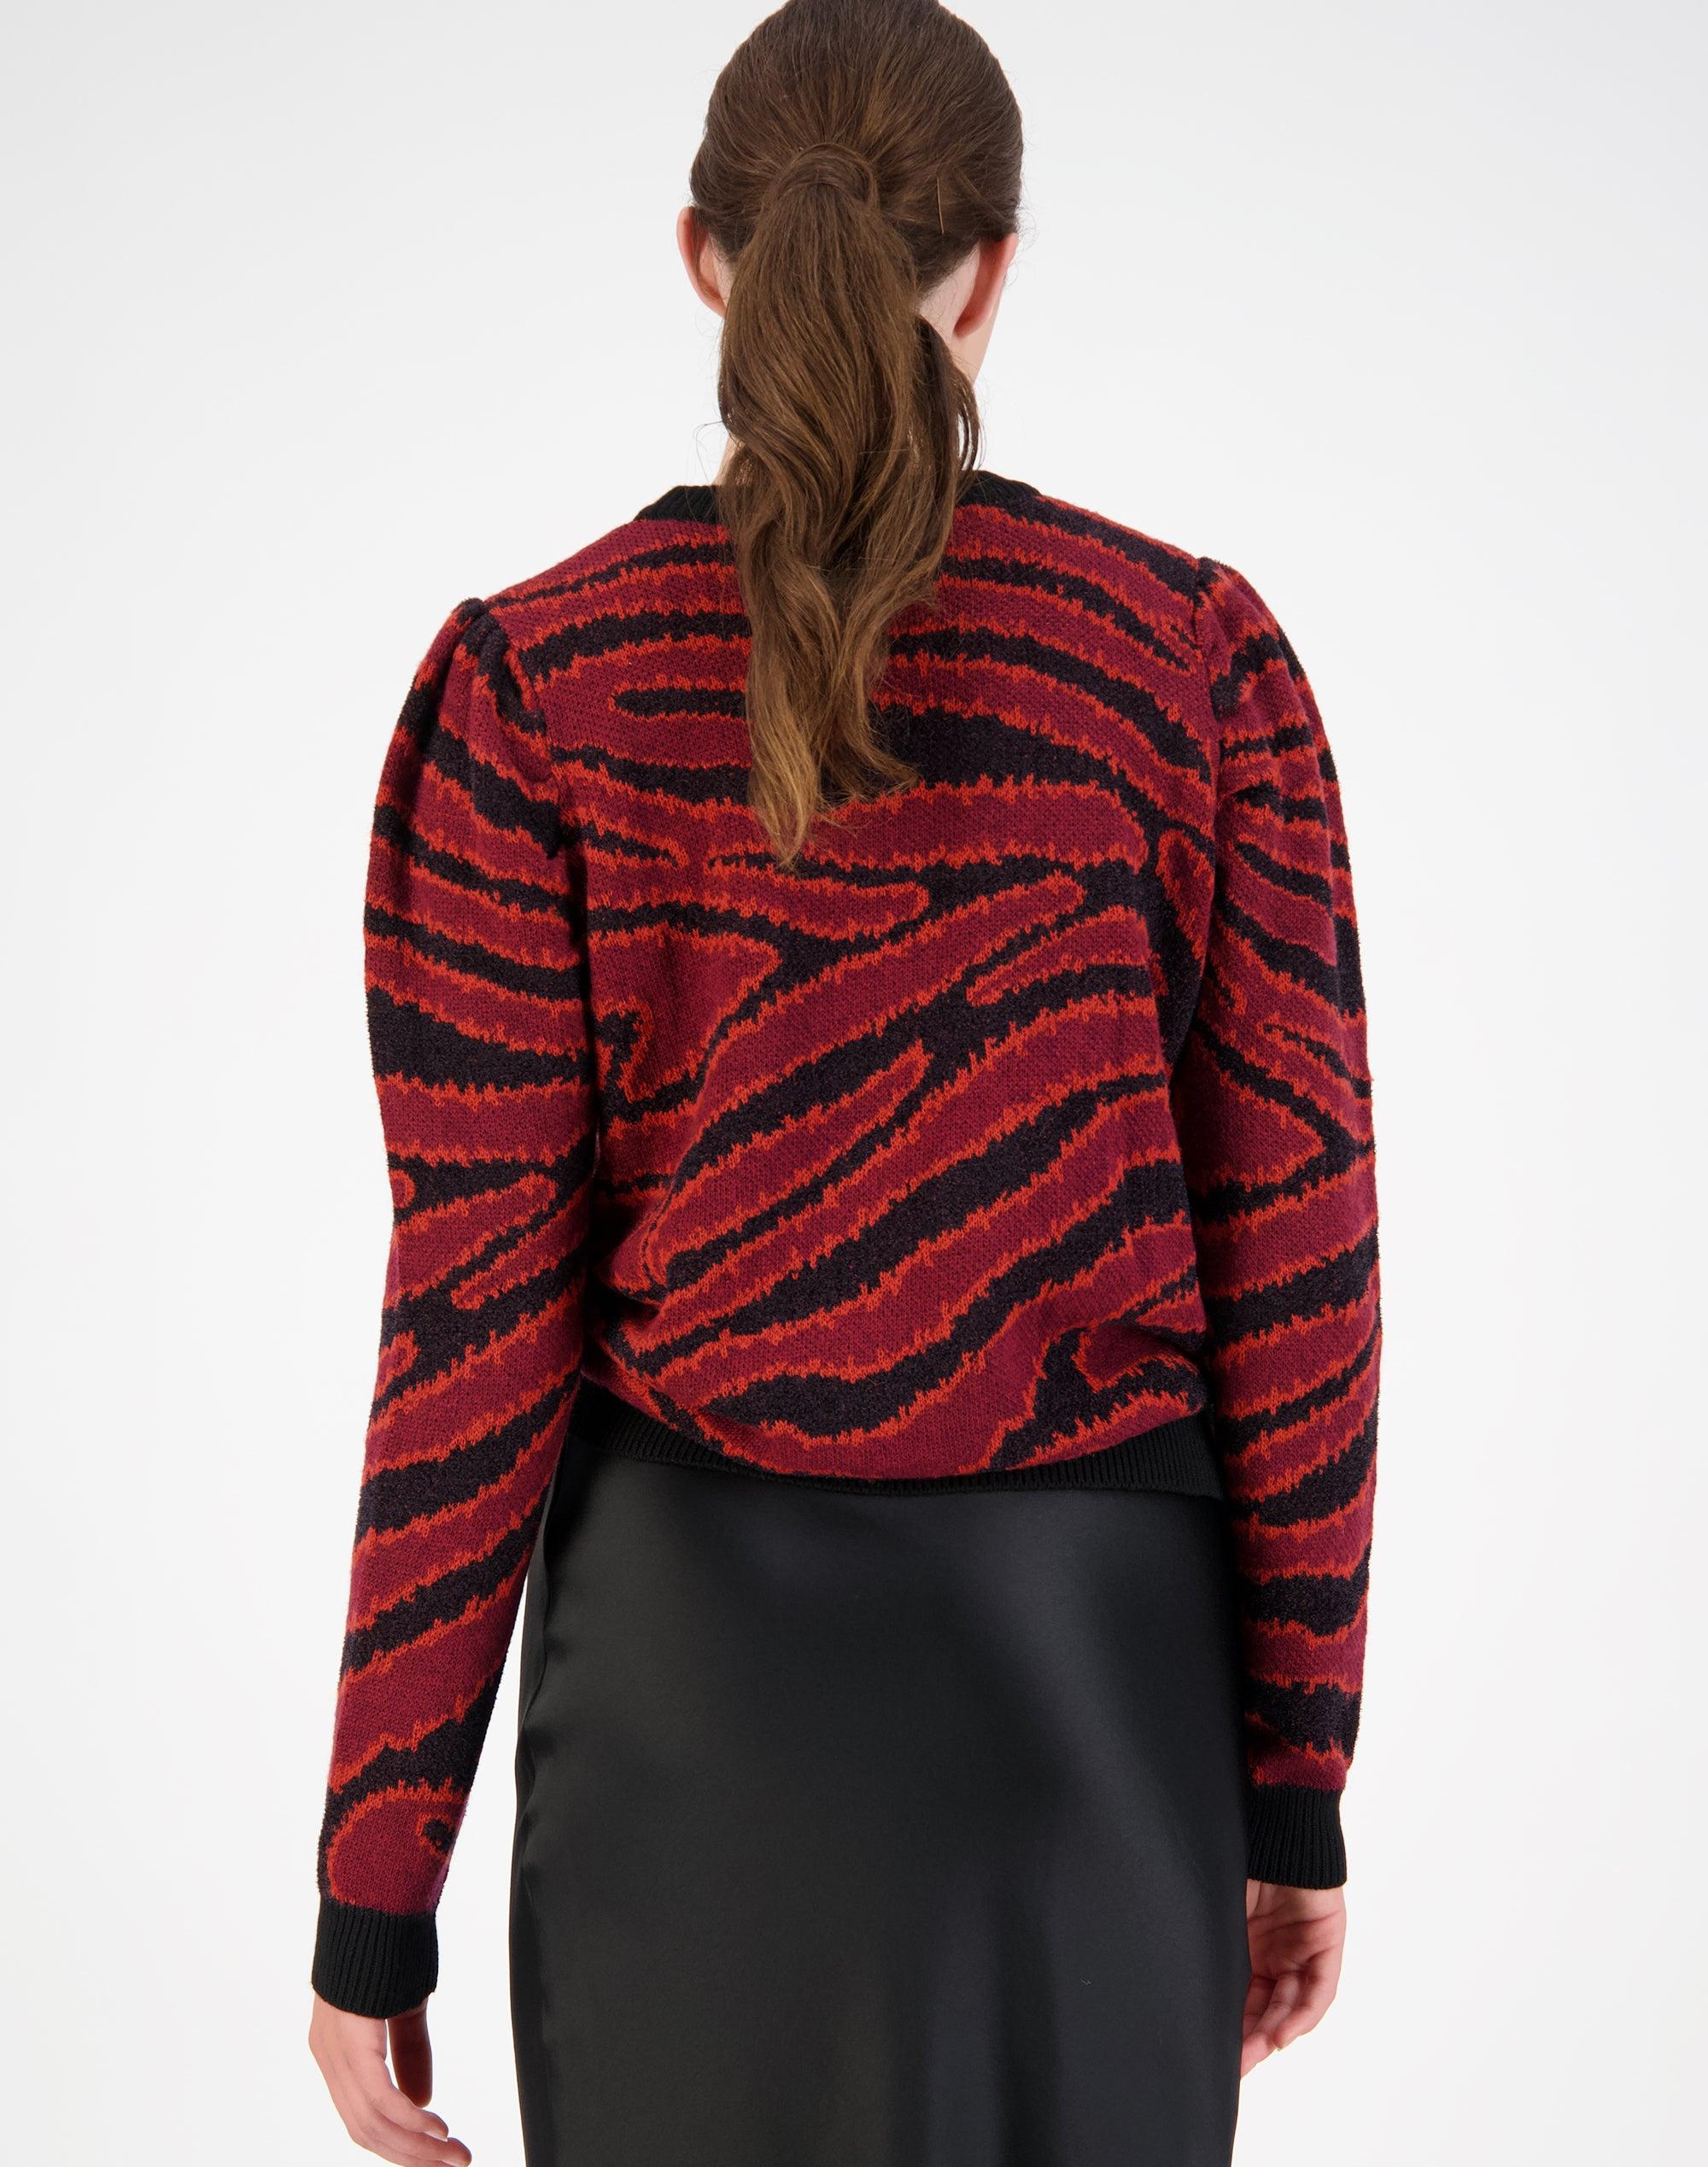 Fierce Sweater